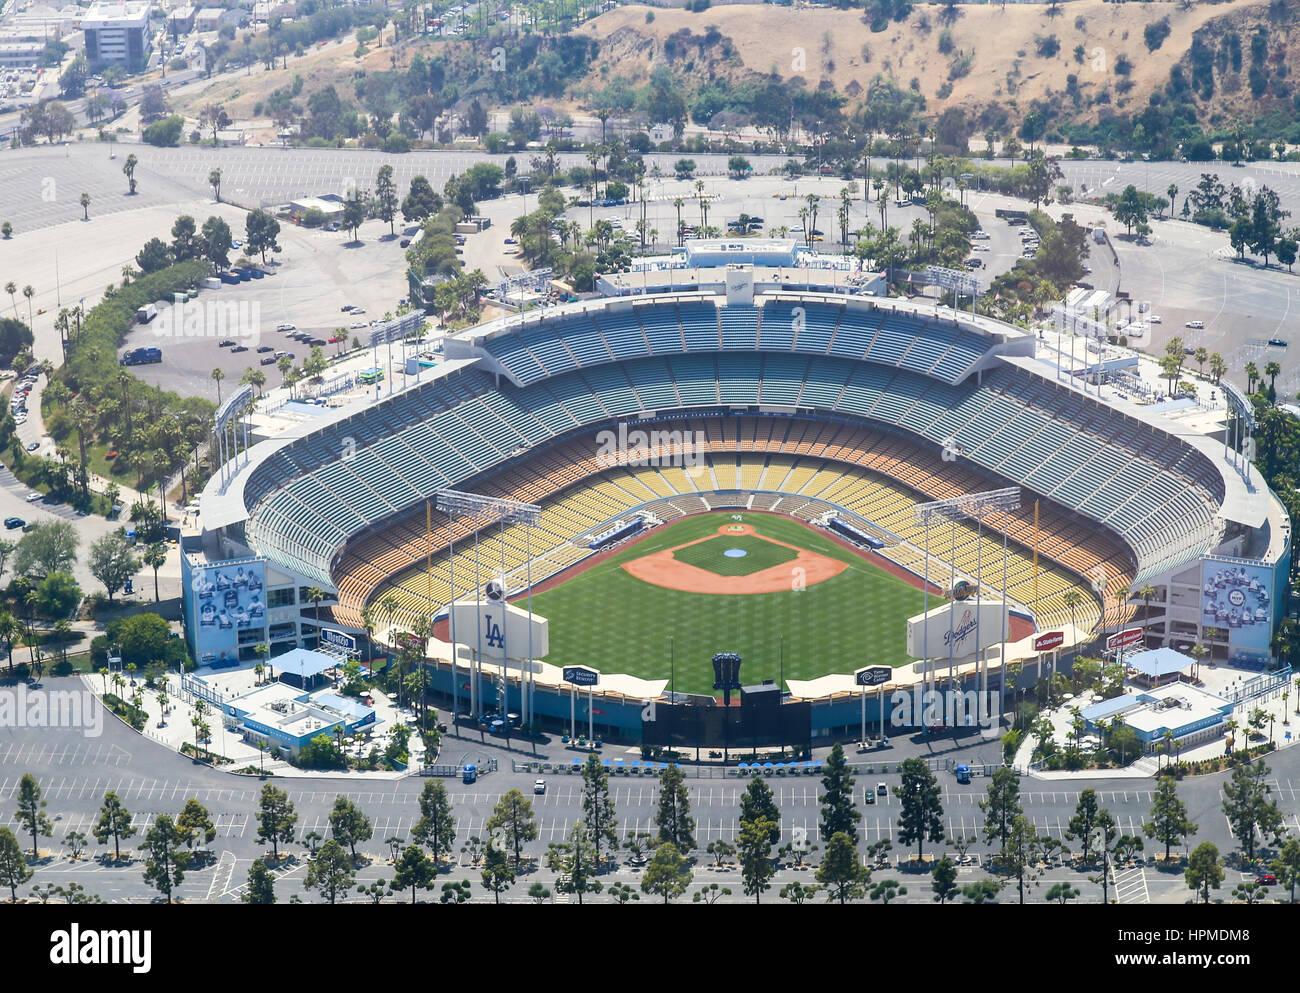 Los Angeles, EE.UU. - 27 de mayo de 2015: Vista aérea del estadio Dodger en Elysian Park. En el estadio y en Imagen De Stock